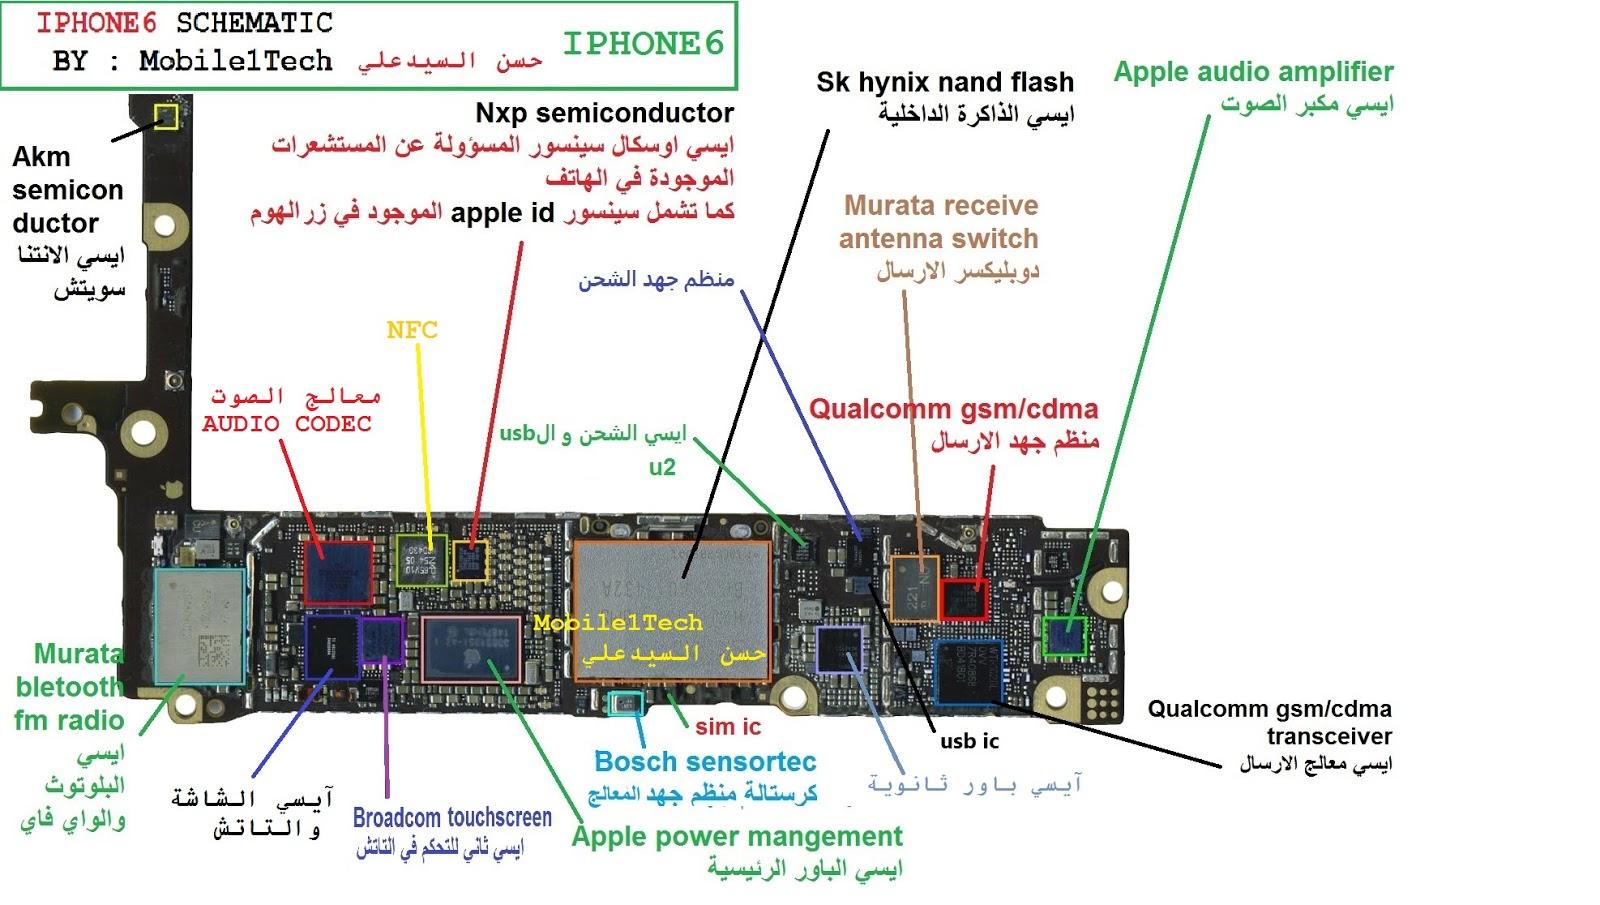 mobile1tech  u062d u0633 u0646  u0627 u0644 u0633 u064a u062f u0639 u0644 u064a  iphone 6 schematic